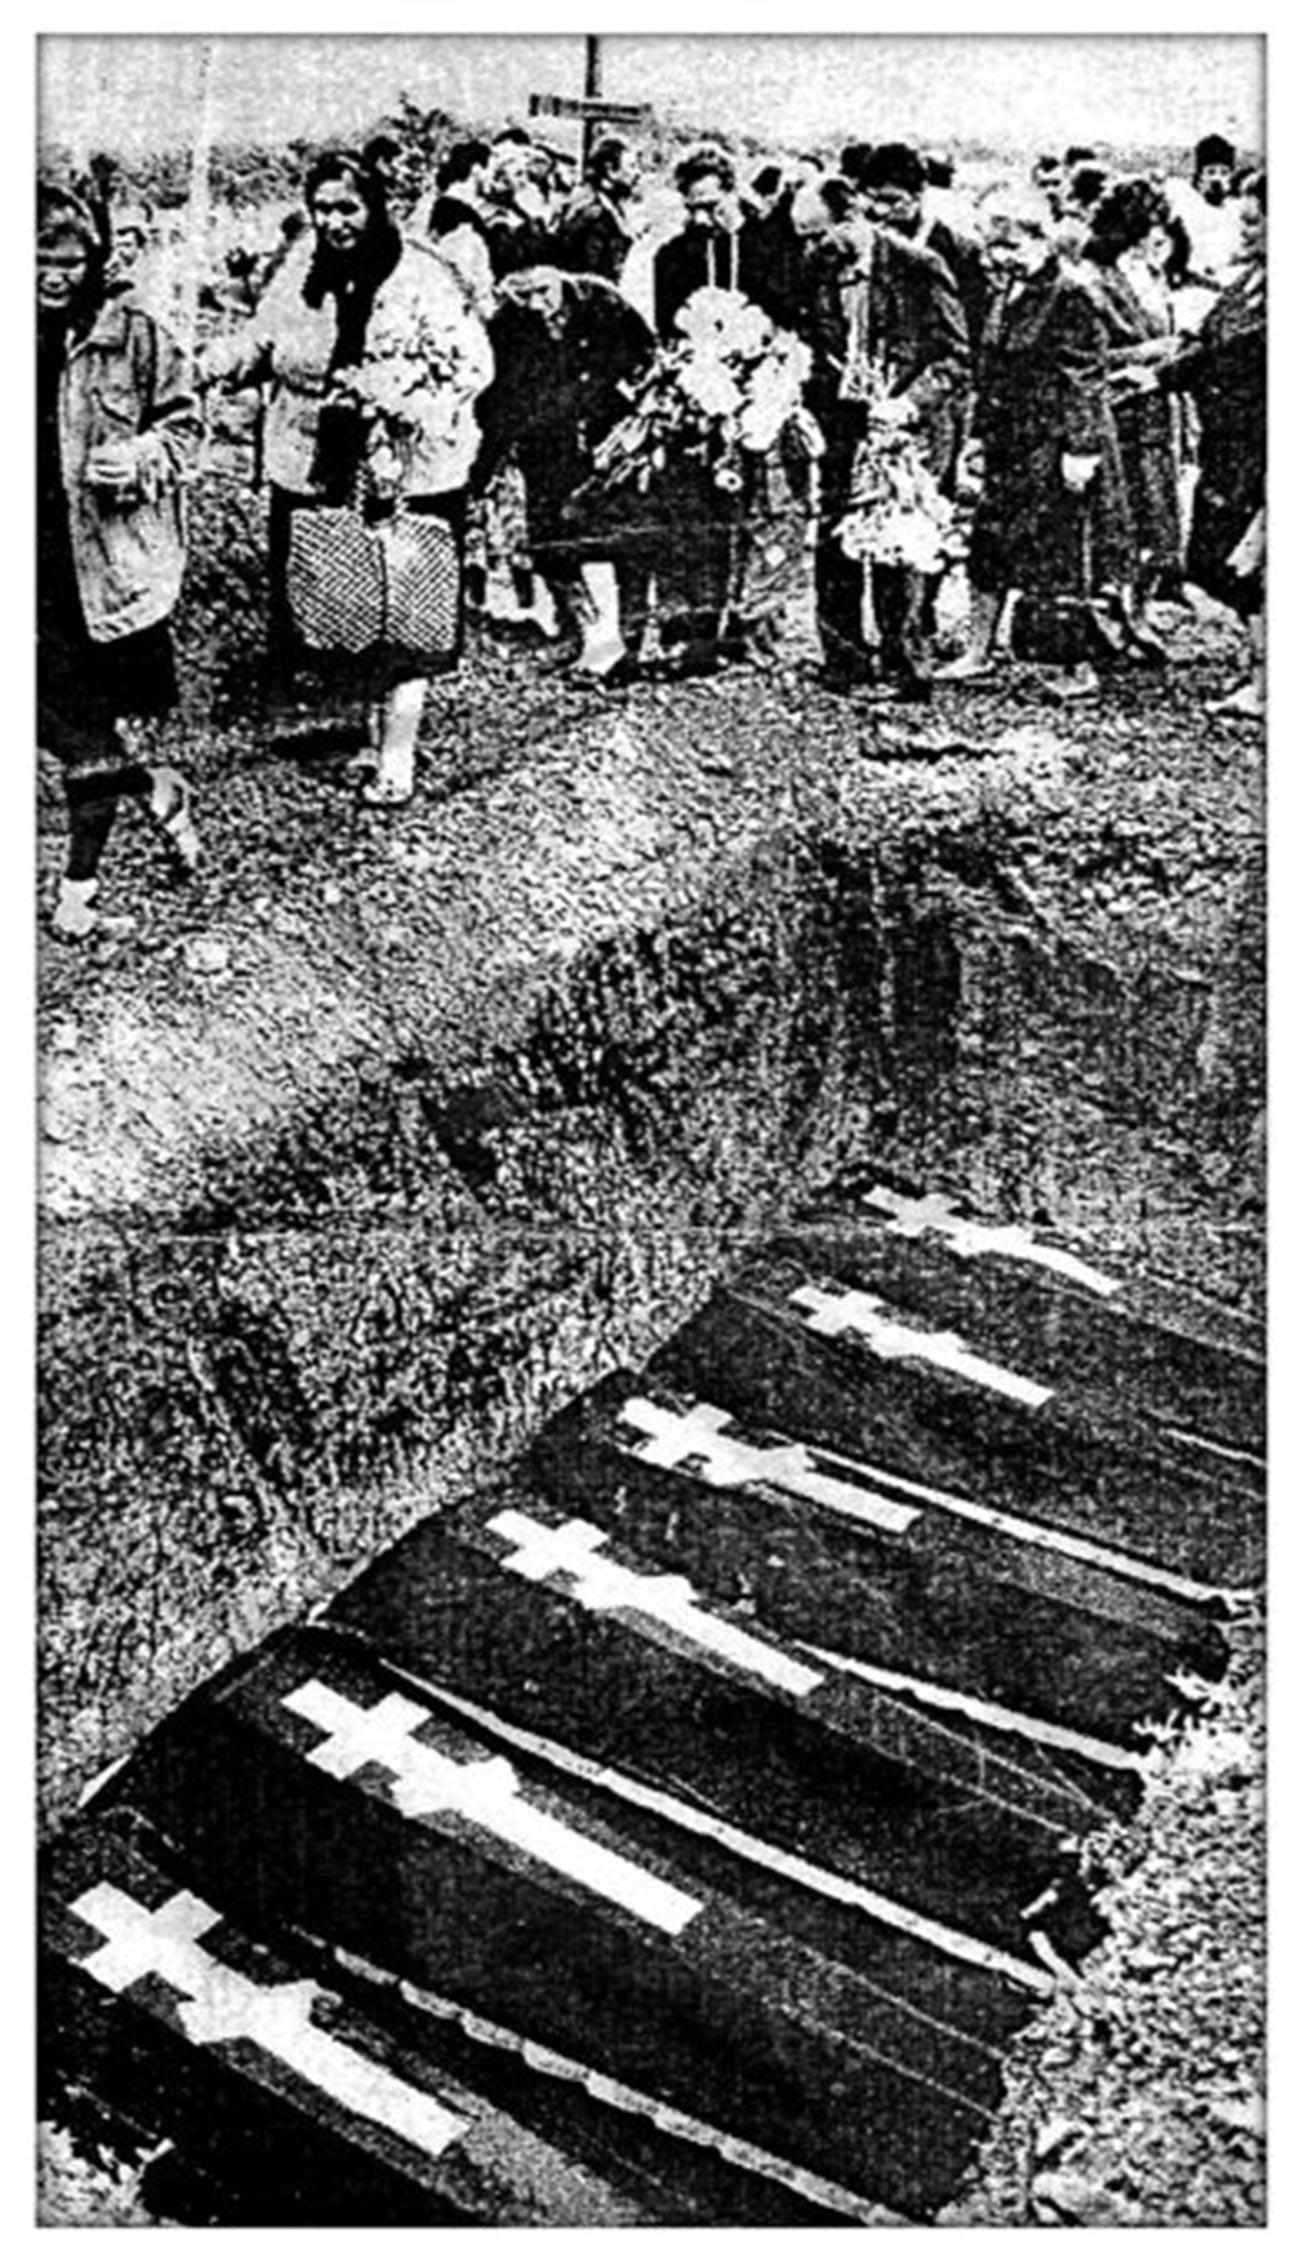 Повторен погреб на ексхумираните посмртни останки на жртвите од новочеркаската трагедија од 1962 година, Мишкински гробишта.